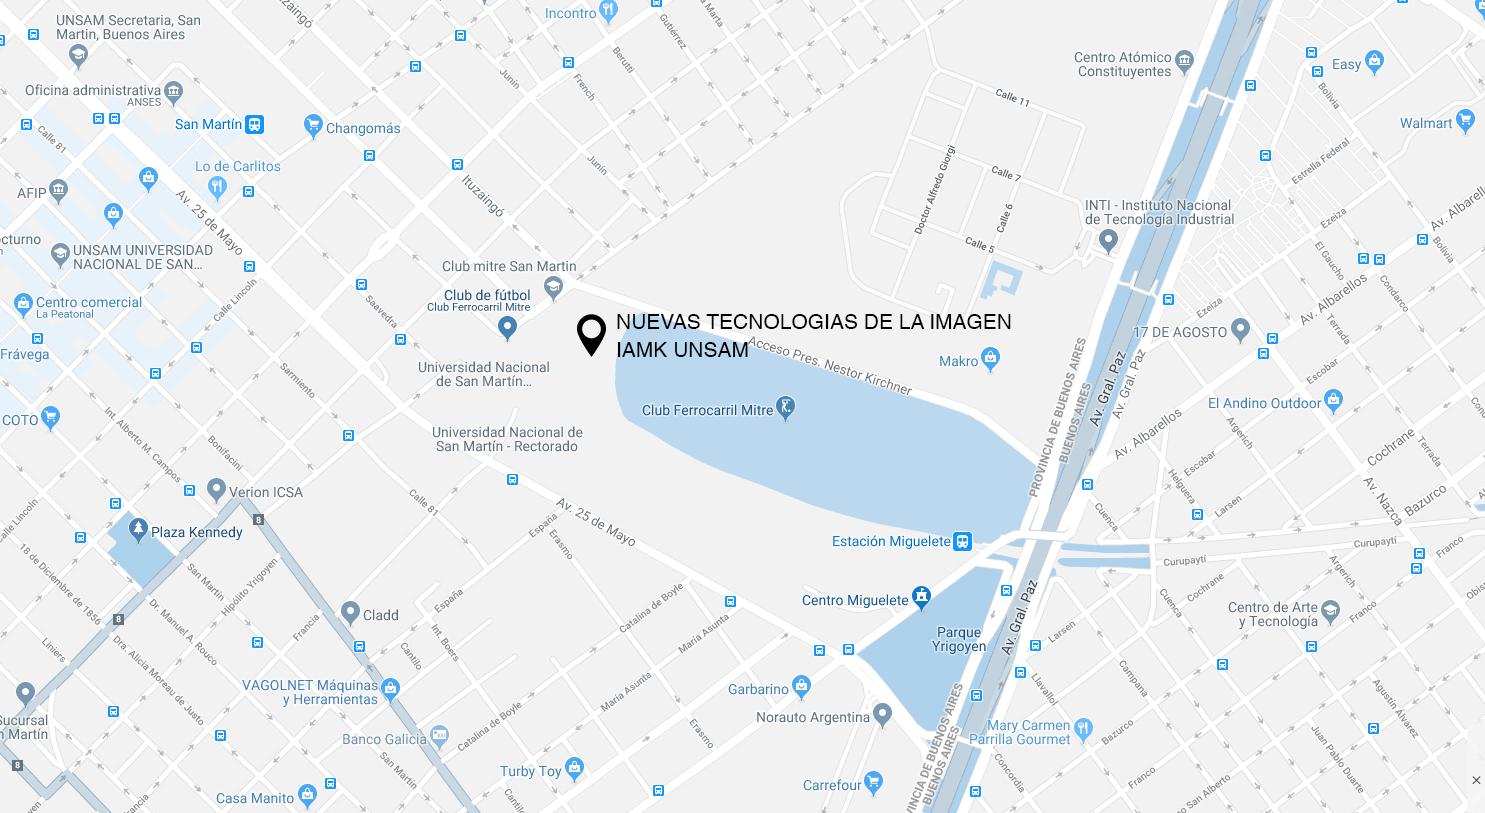 UNSAM - Área de Nuevas Tecnologías de la ImagenSABADOS10 a 14hs -